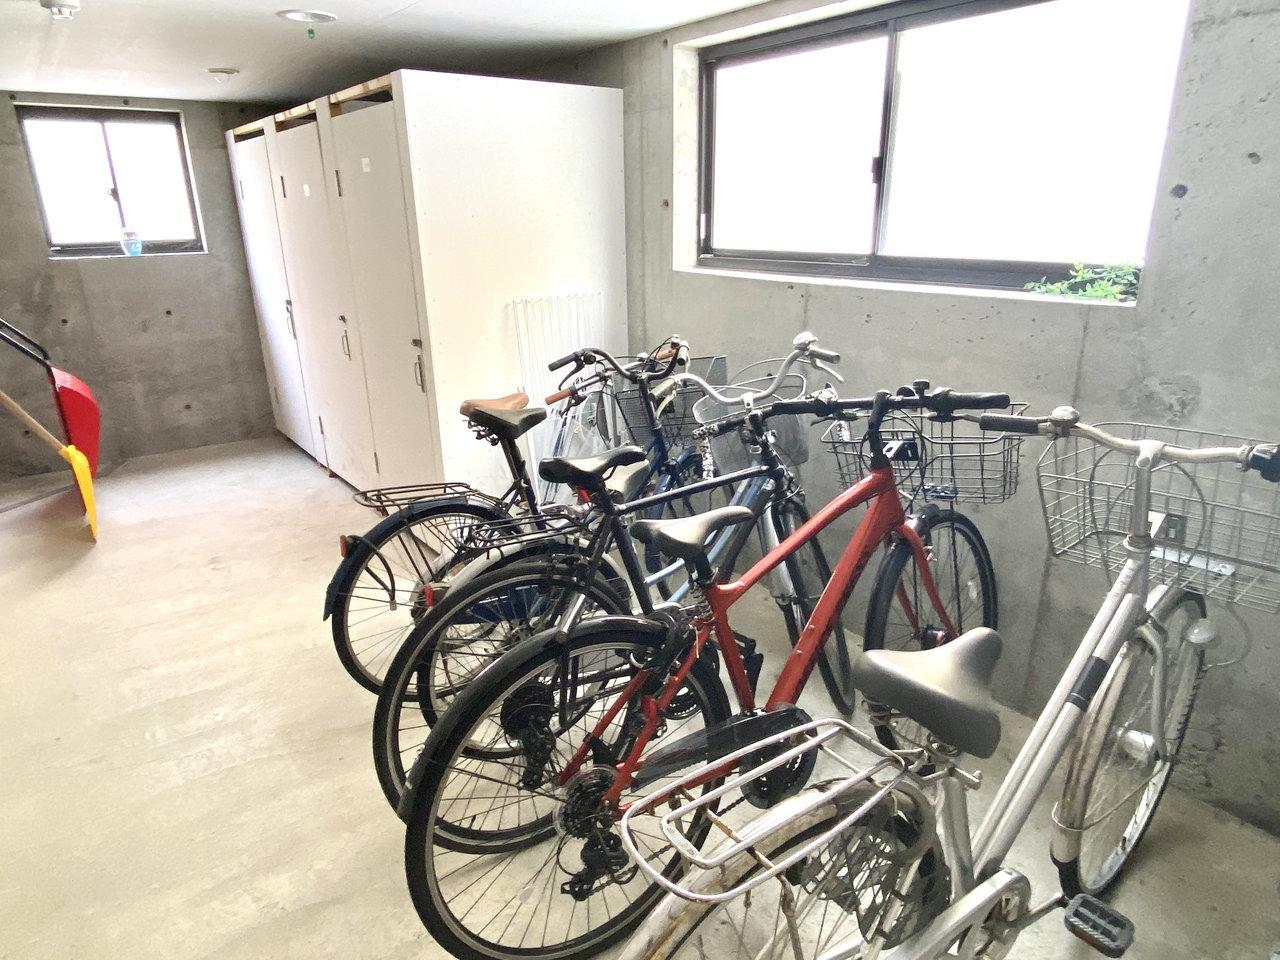 地下にはトランクルームや駐輪場がありました。これなら雪や雨を気にしなくて良いので、お気に入りの自転車を持つことができそうです。